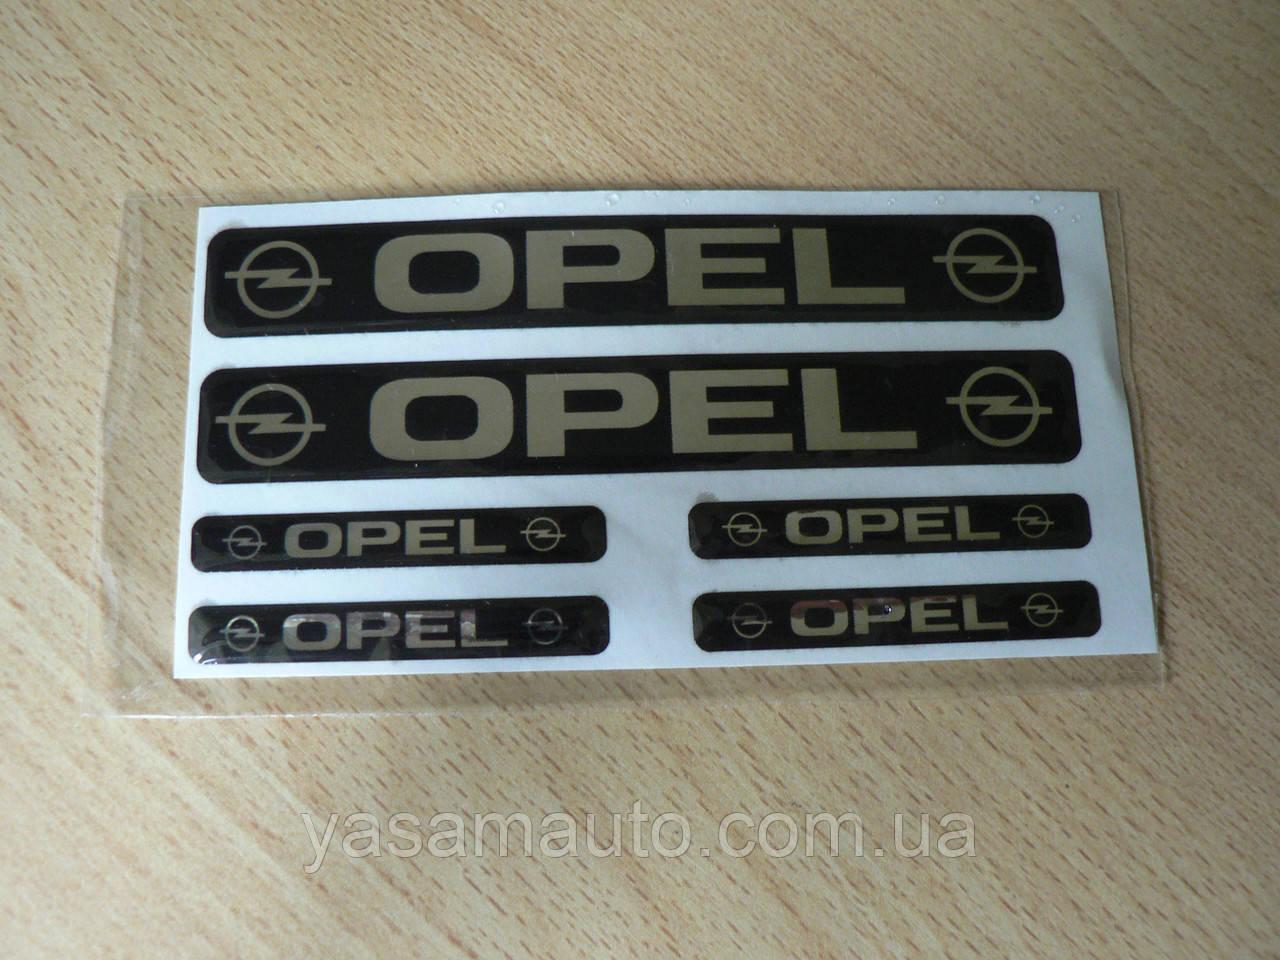 Наклейка s маленькая Opel набор 6шт (2шт-11х1,5см и 4шт 5х0,7см) силиконовая надпись на авто эмблема Опель